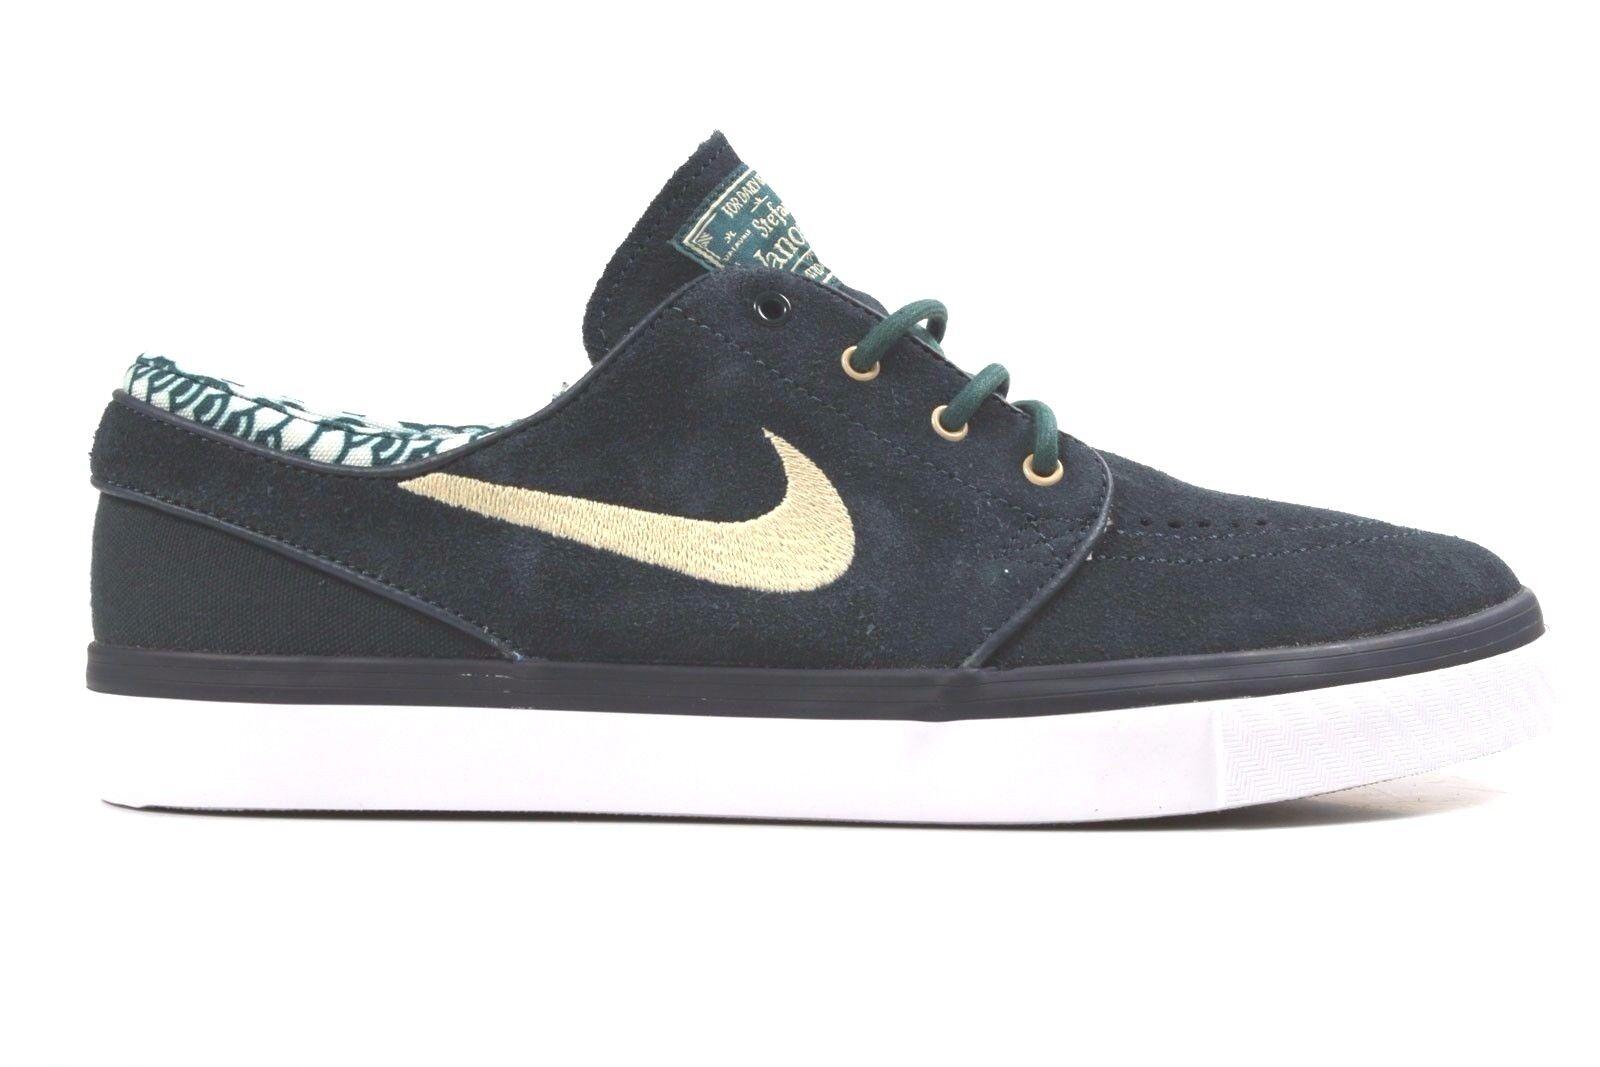 Nike zoom stefan janoski d'oro pr marina acque scure d'oro janoski 482972-470 (308), scarpe da uomo bb6ad3